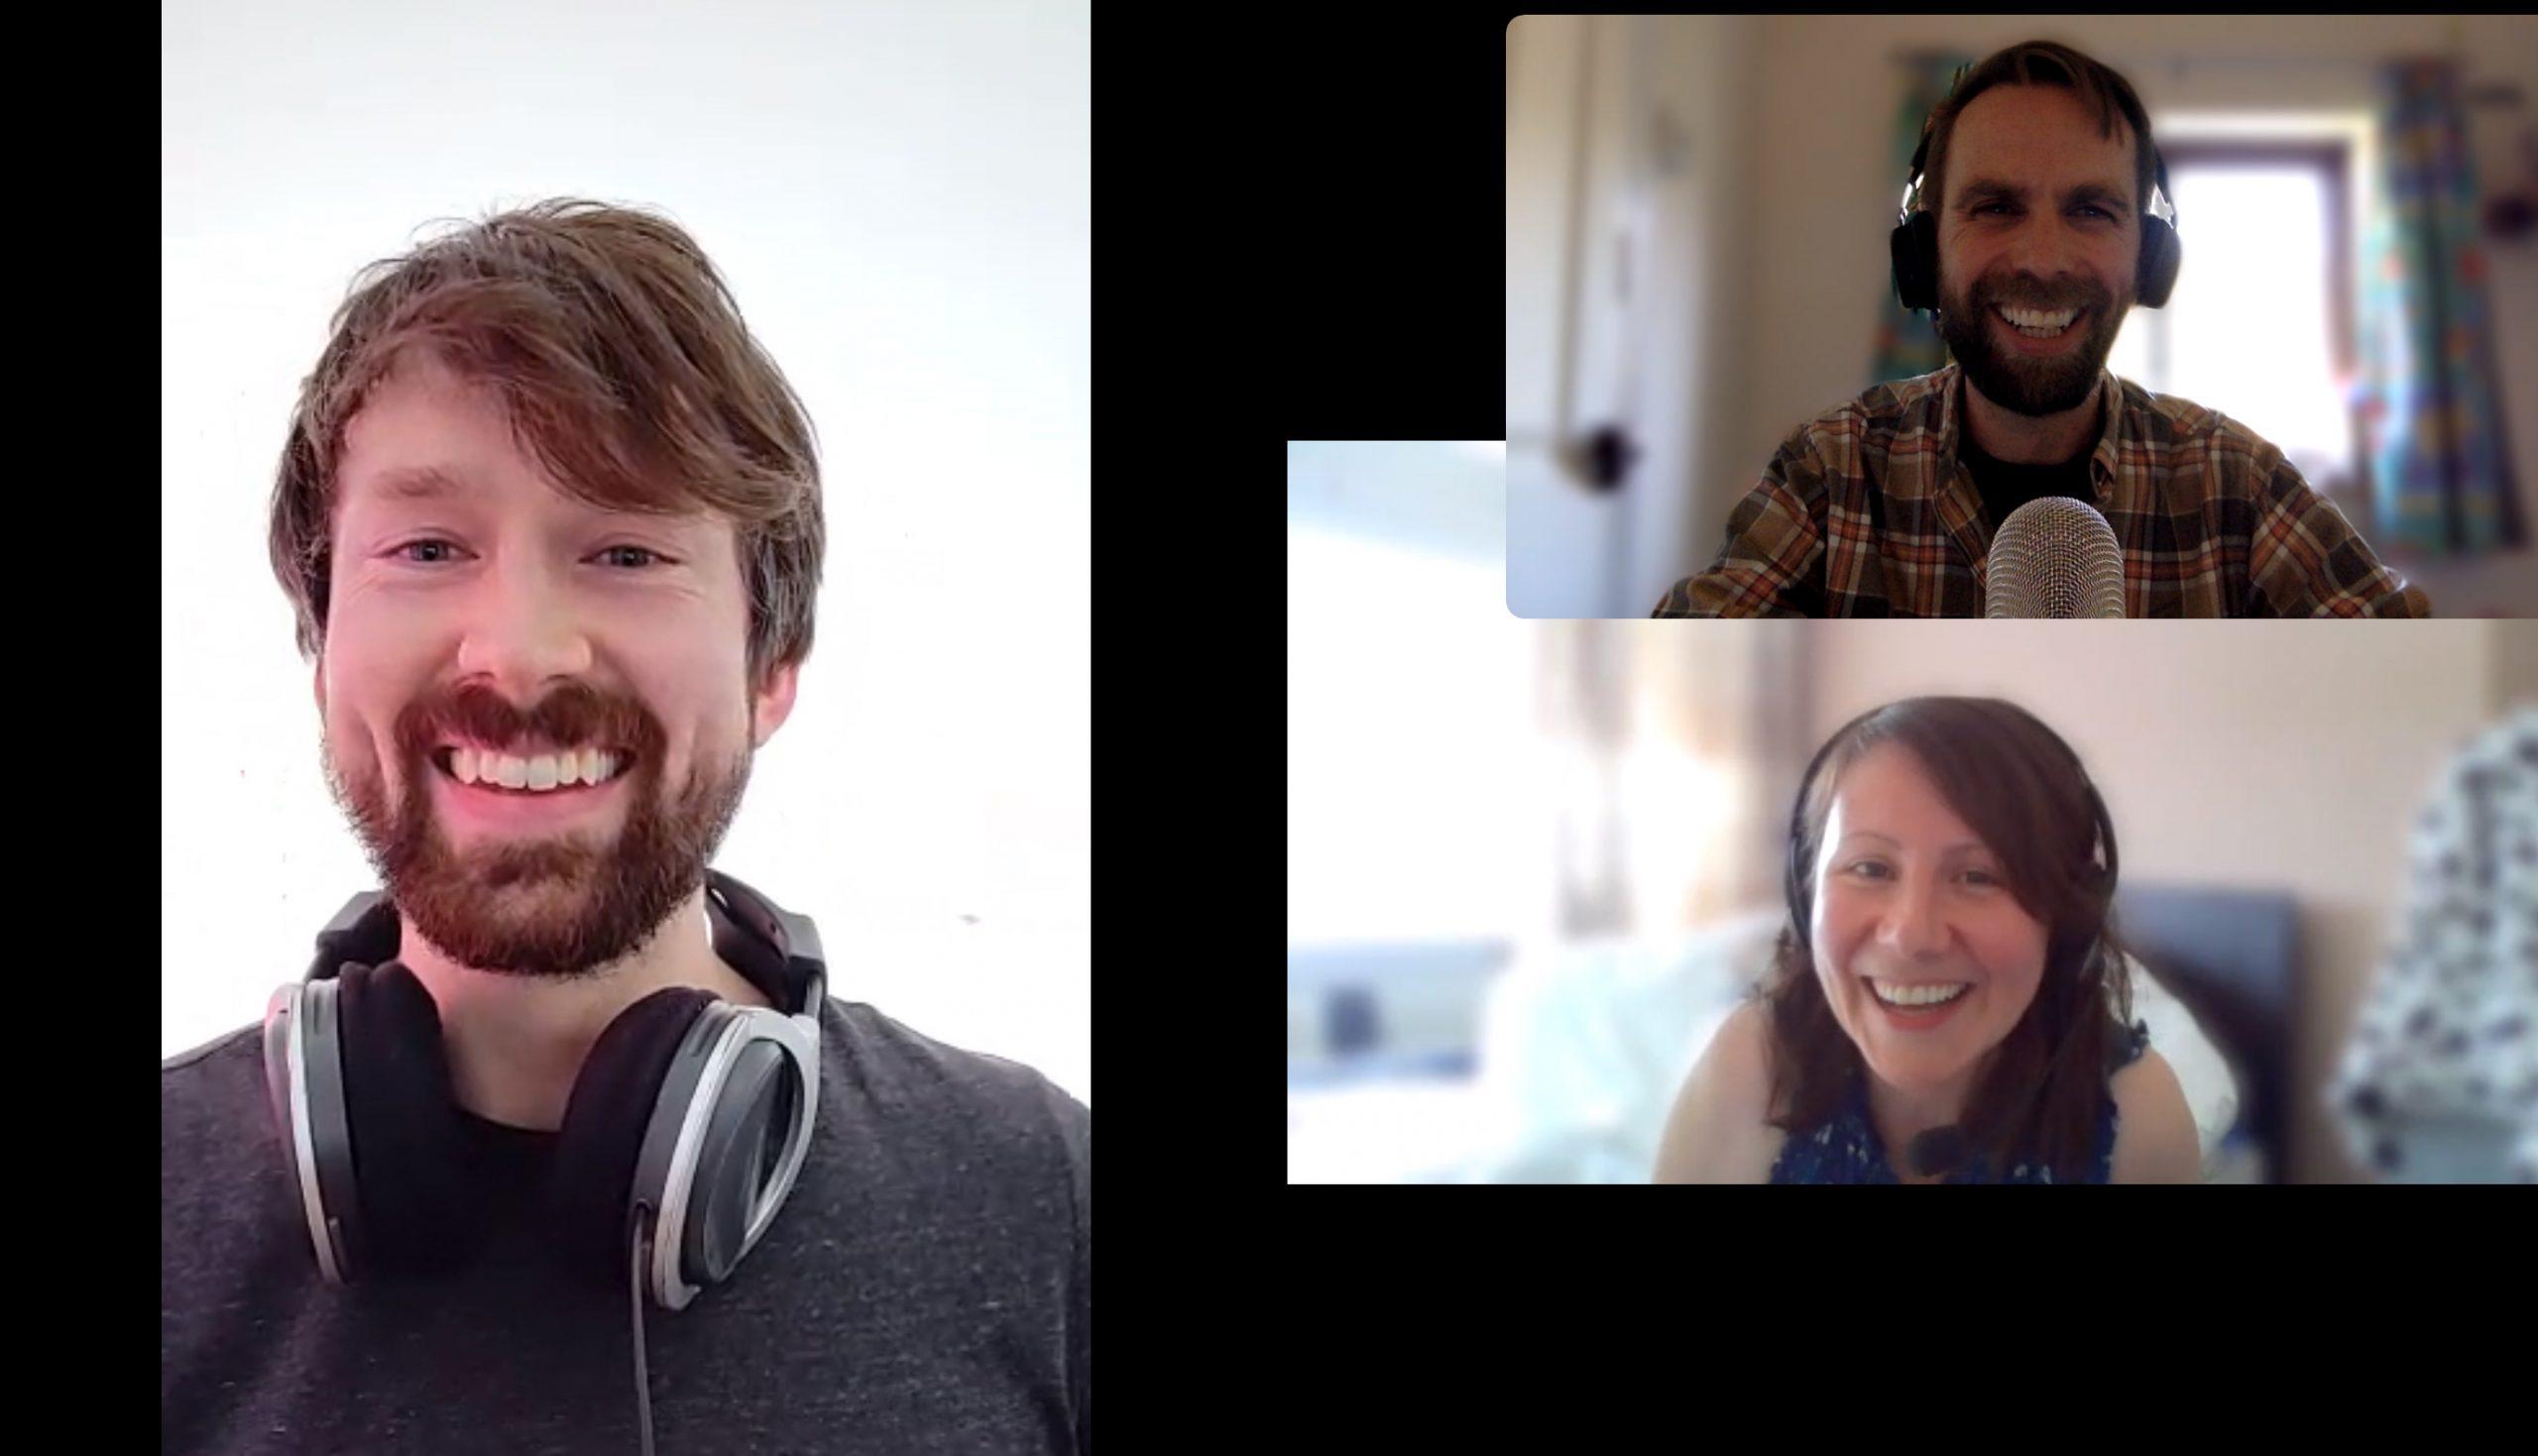 Podcast selfie - lockdown style! L-R Noel Fitzpatrick, John Law, Liz Walsh